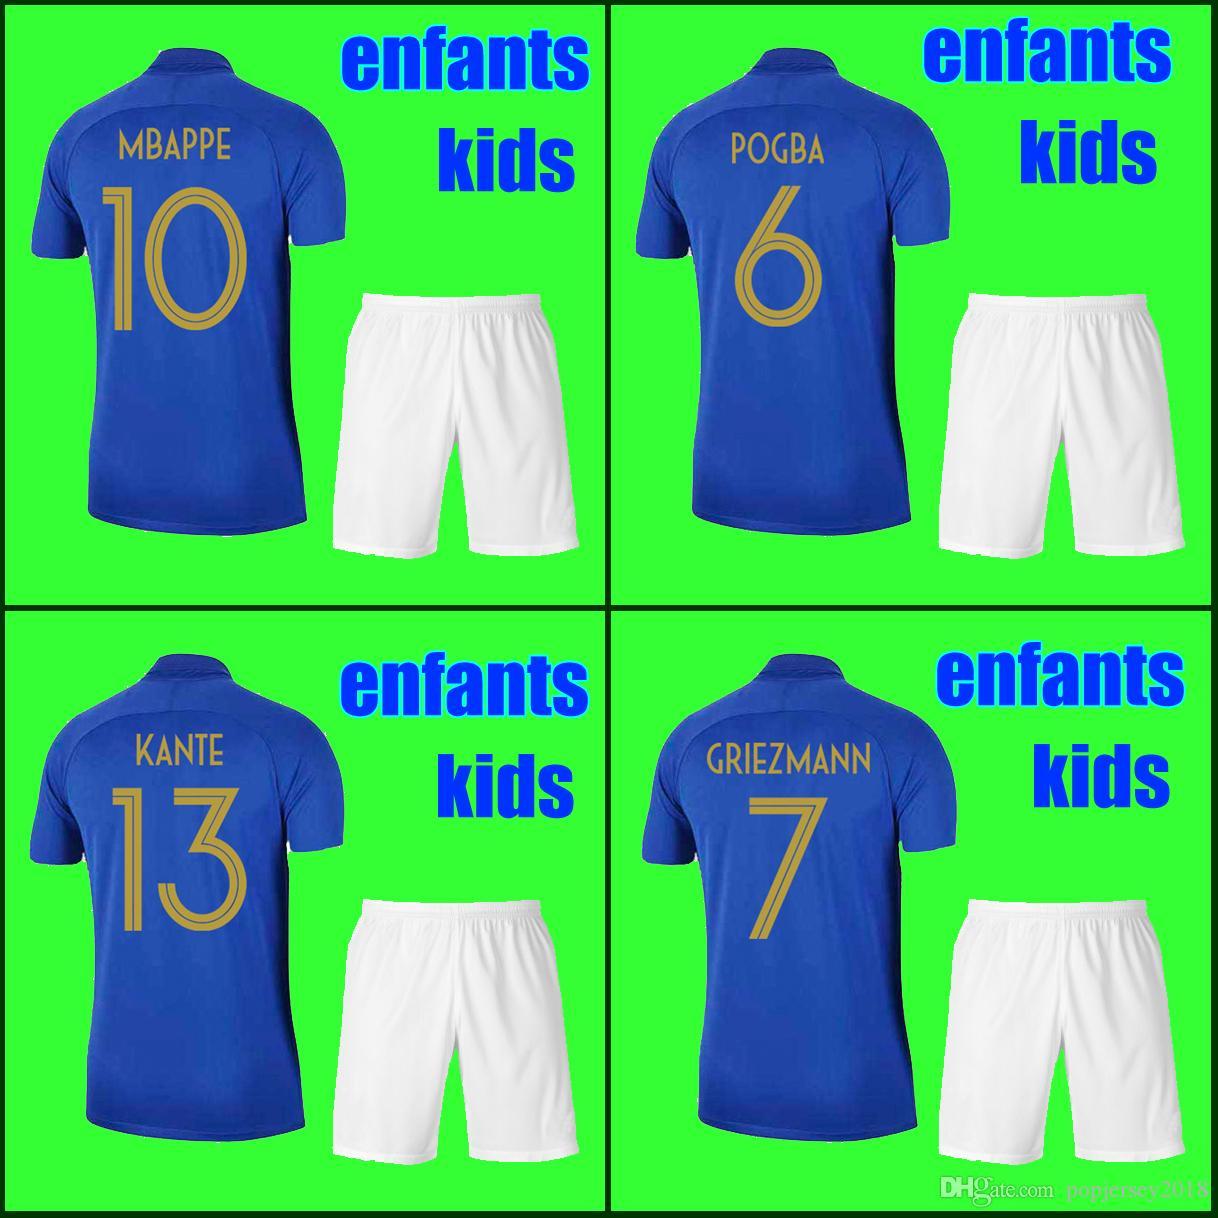 dcc92e063df59 Acheter Enfants Garçons Jeunes Kids Sets Maillot De Foot France 2019 100e  MBAPPE GRIEZMANN POGBA 2 Étoiles Maillots De Foot Français Maillot De  Football ...